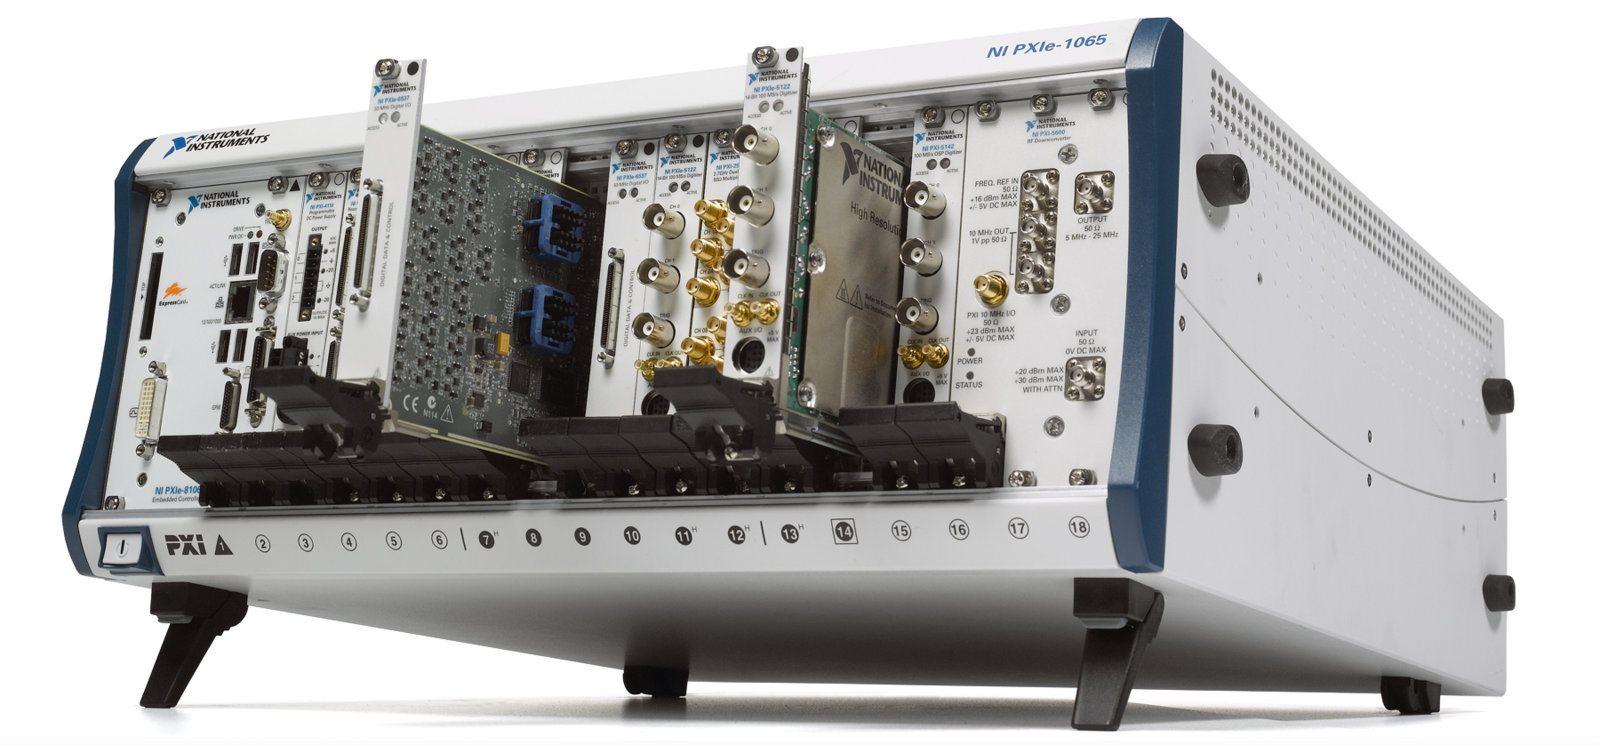 Модульная измерительно-контрольная платформа NI PXI